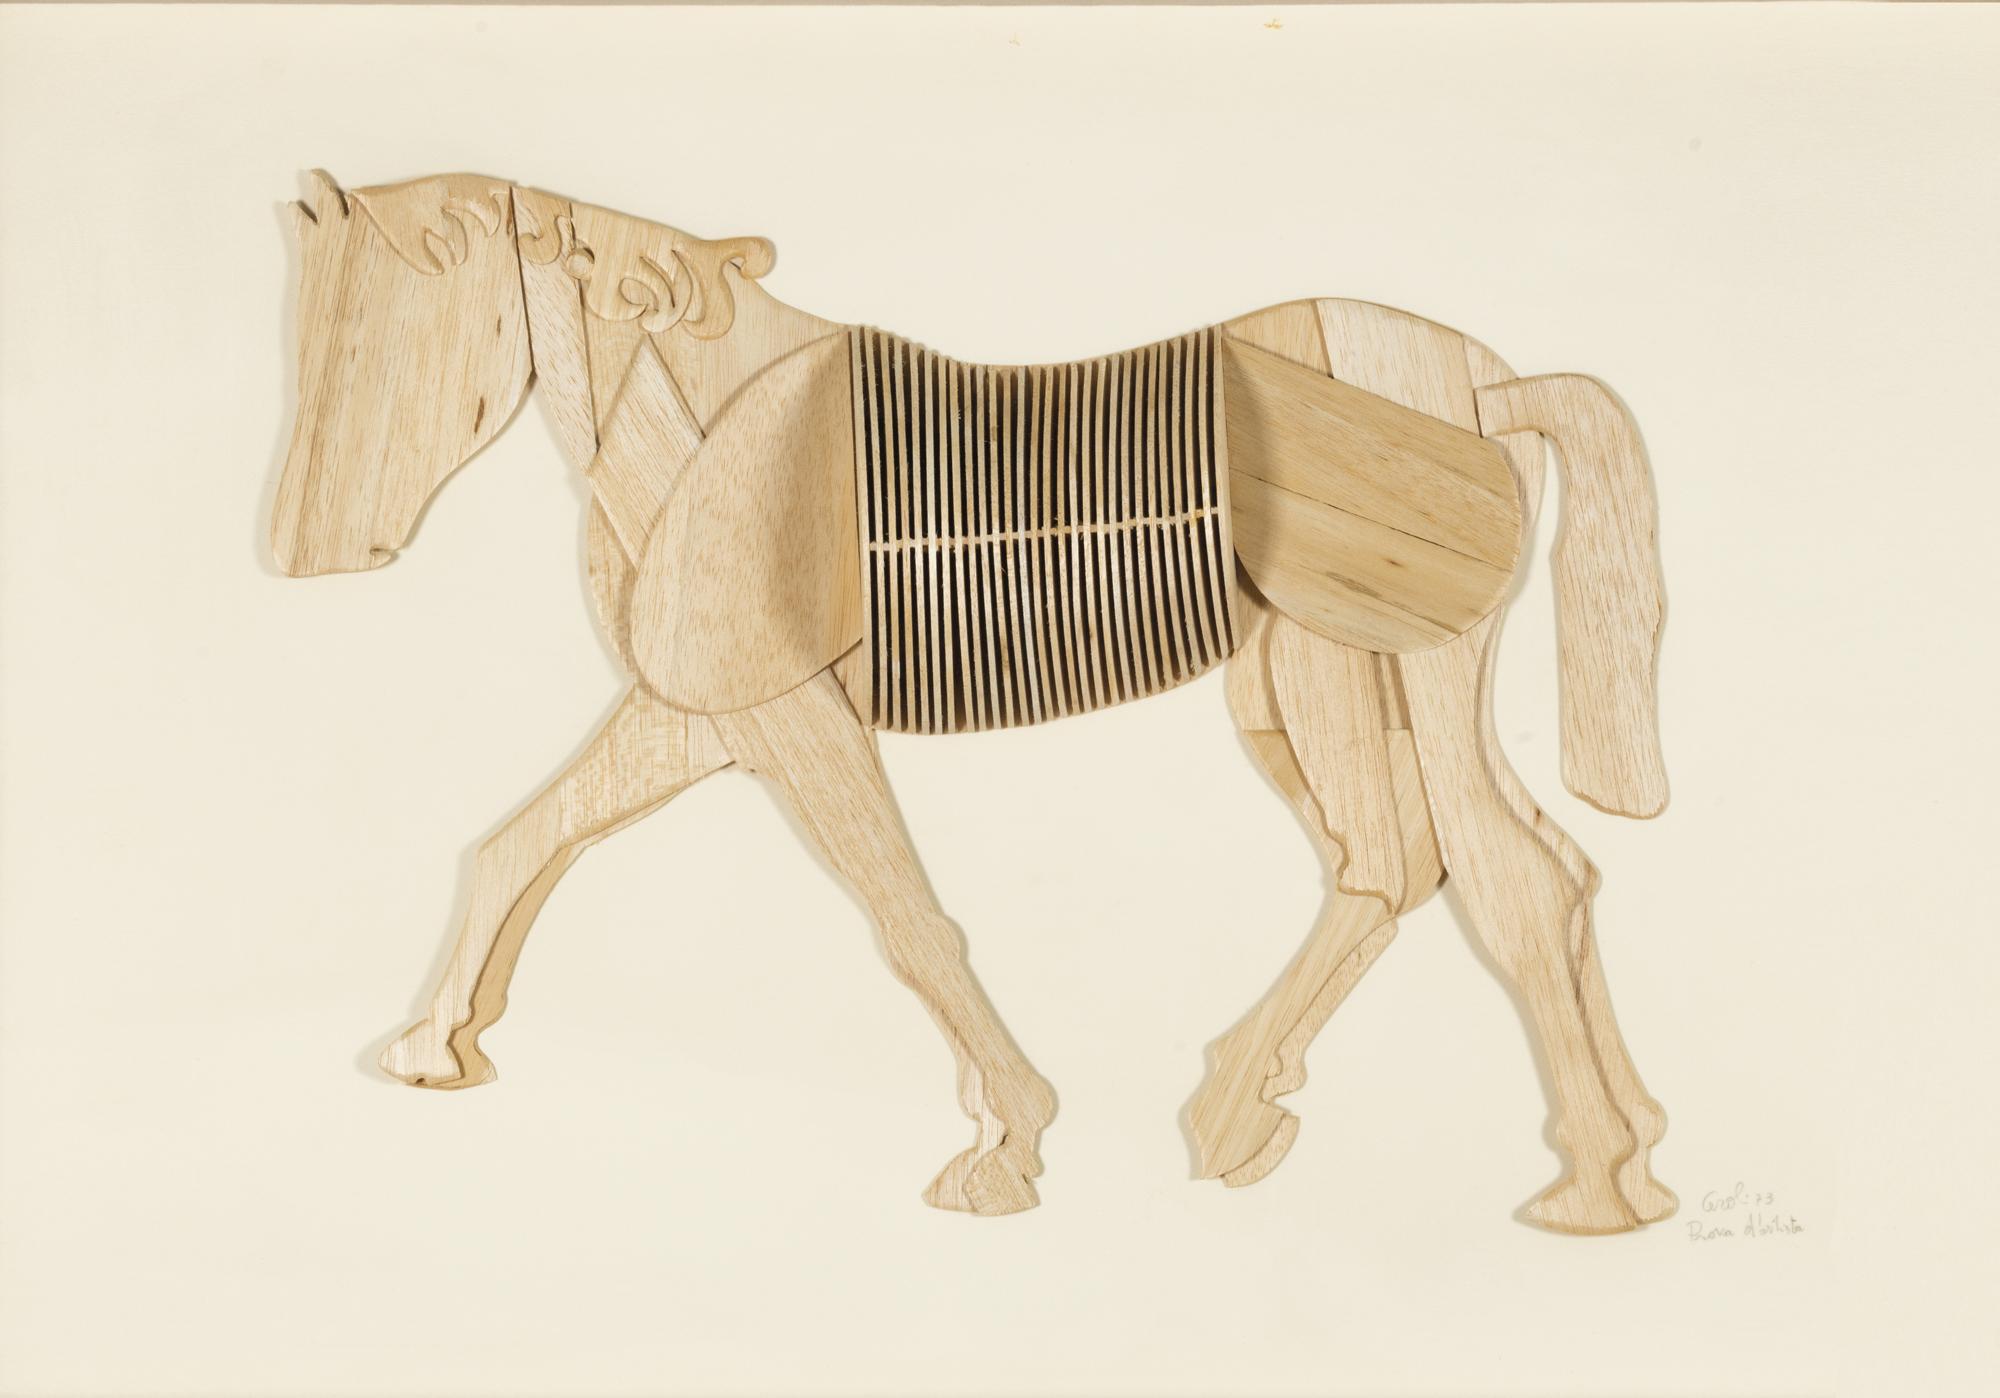 Cavallo, 1973